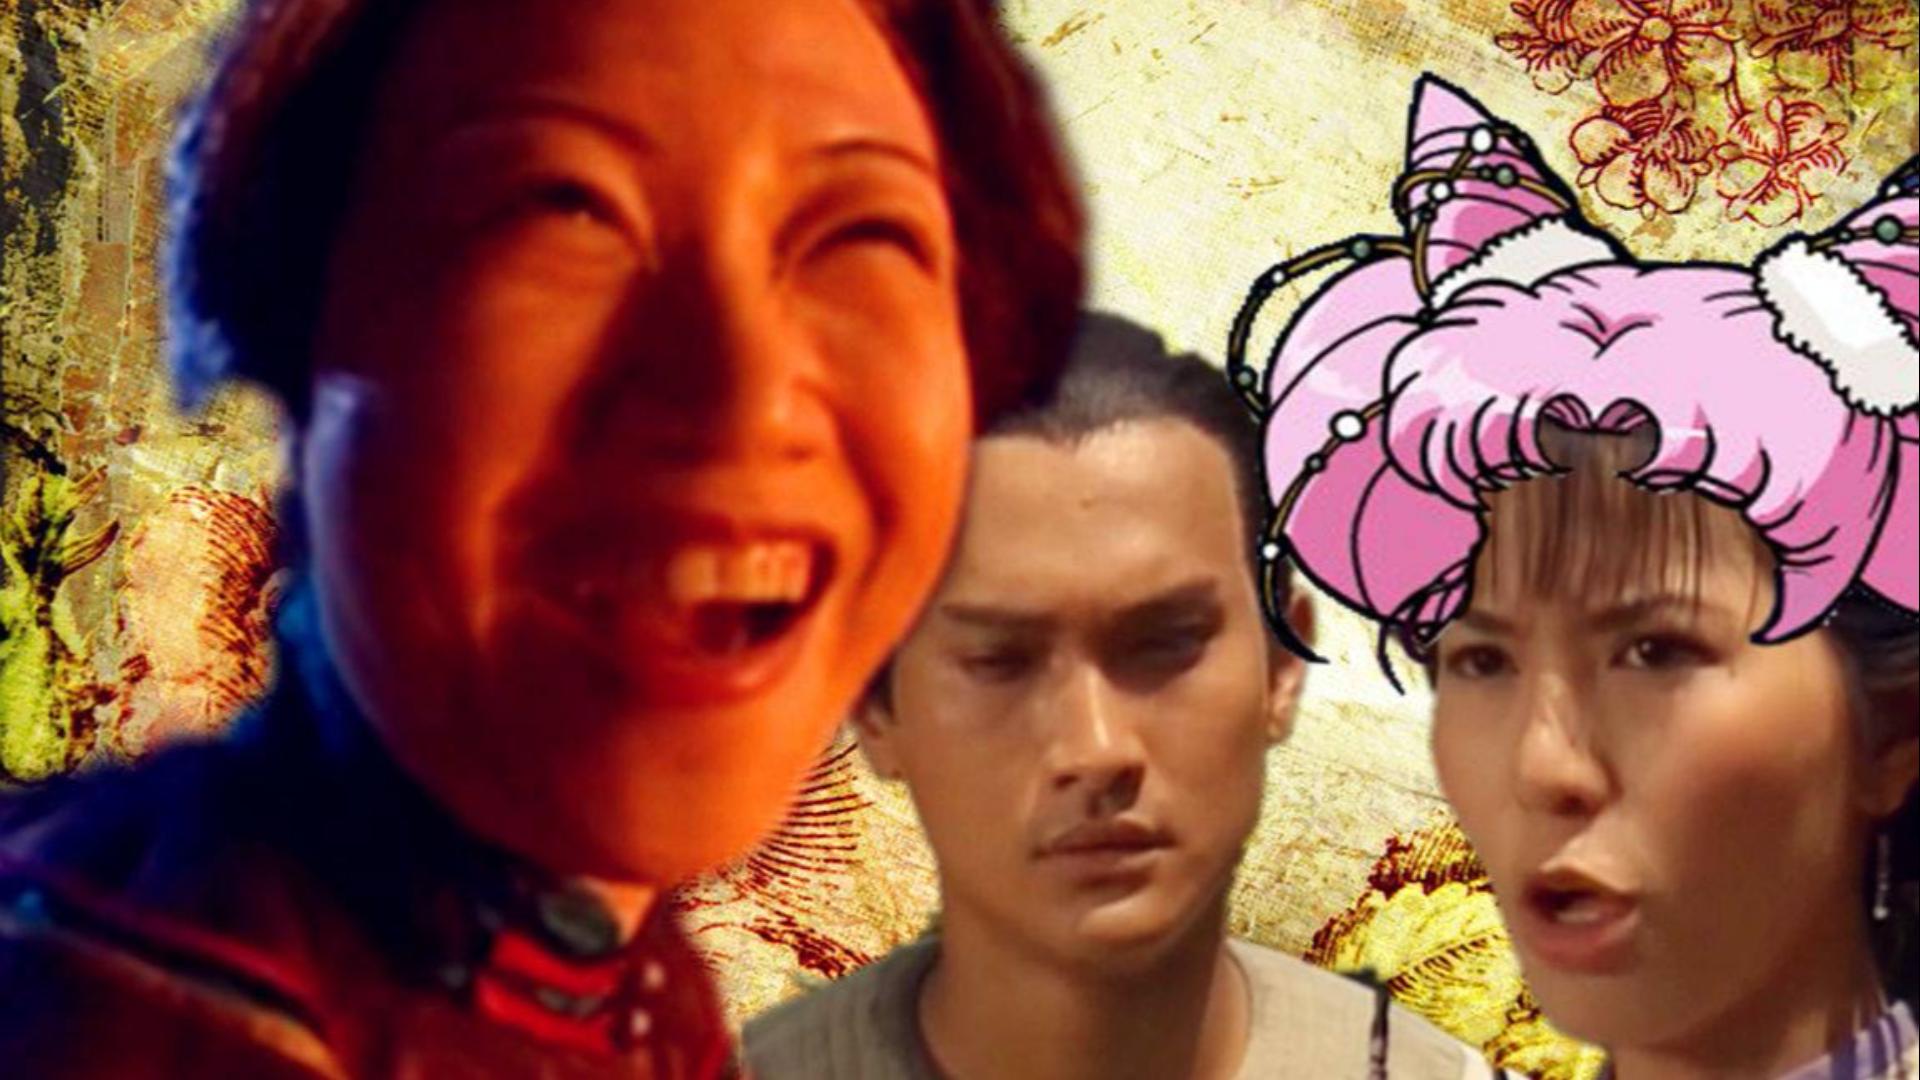 【情为何物】重温经典武侠剧《雪山飞狐》99版!